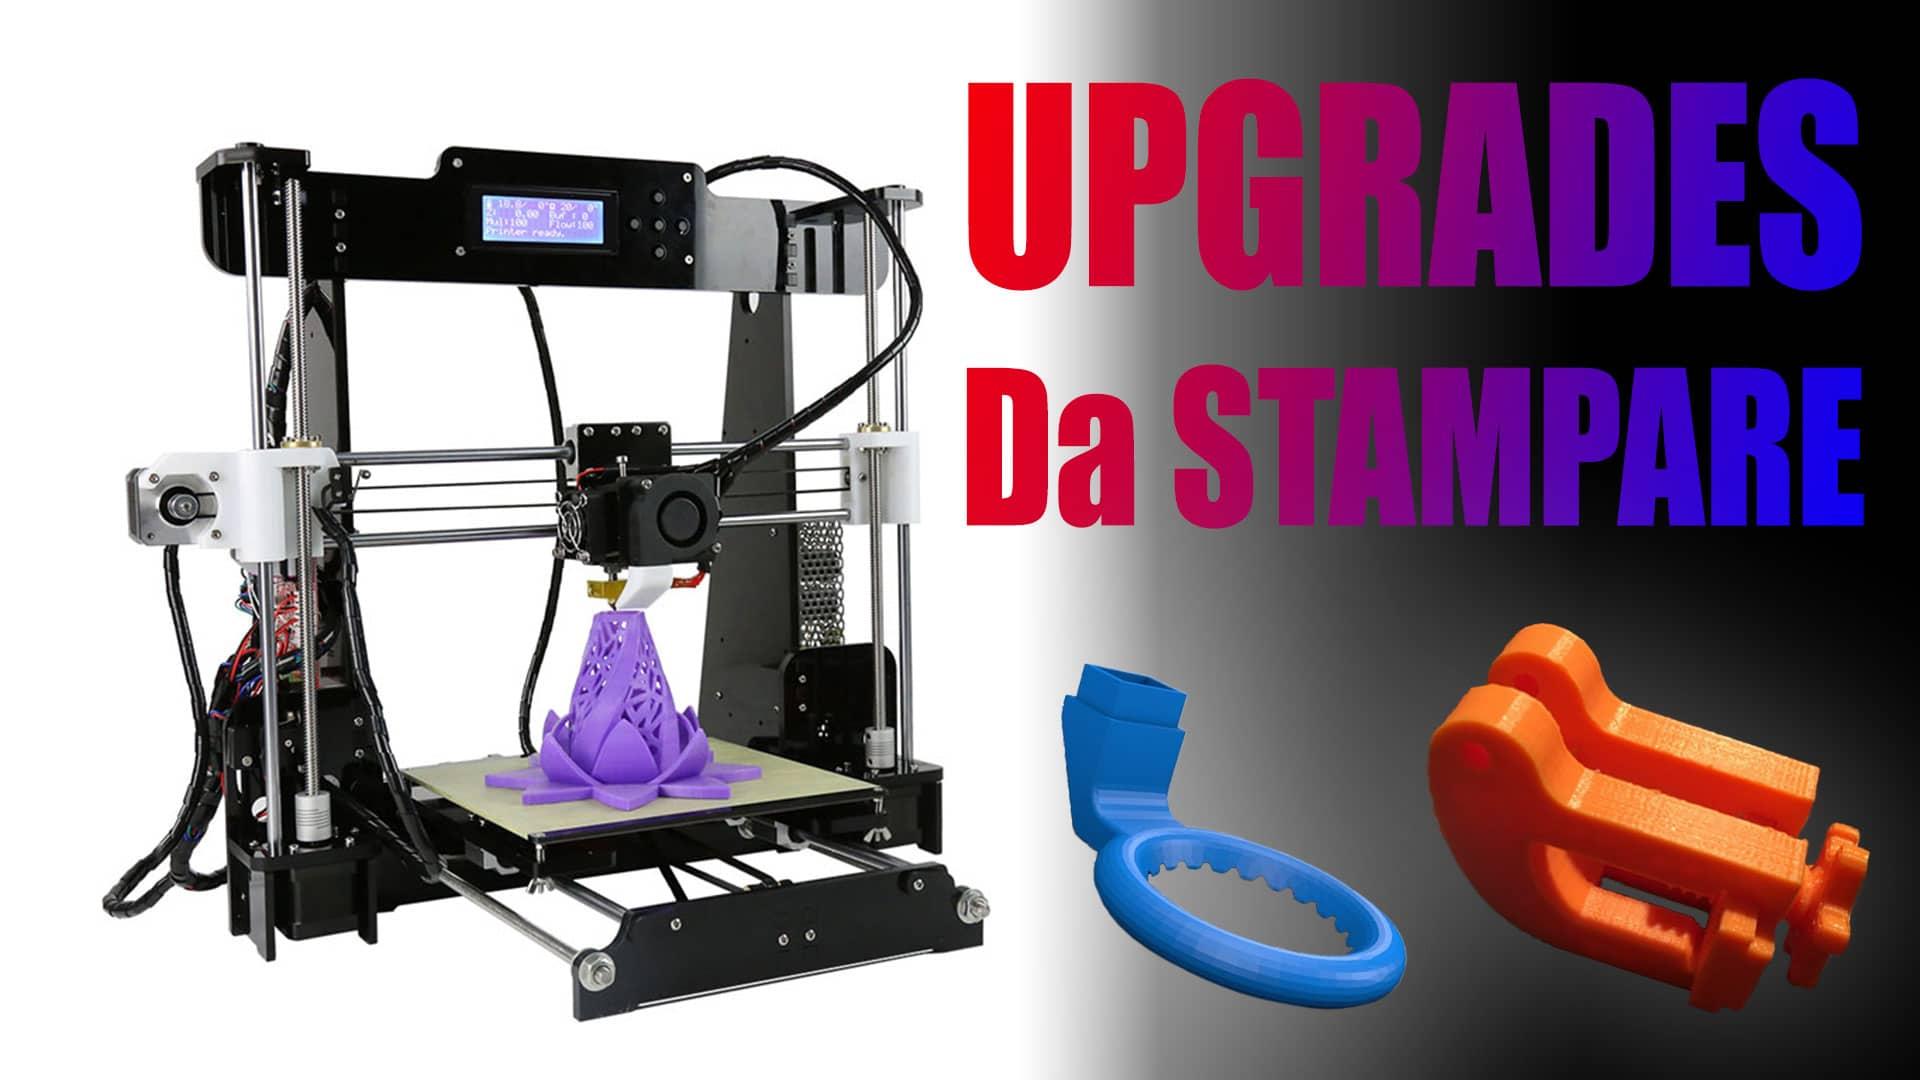 Anet A8 | Upgrades Da Stampare